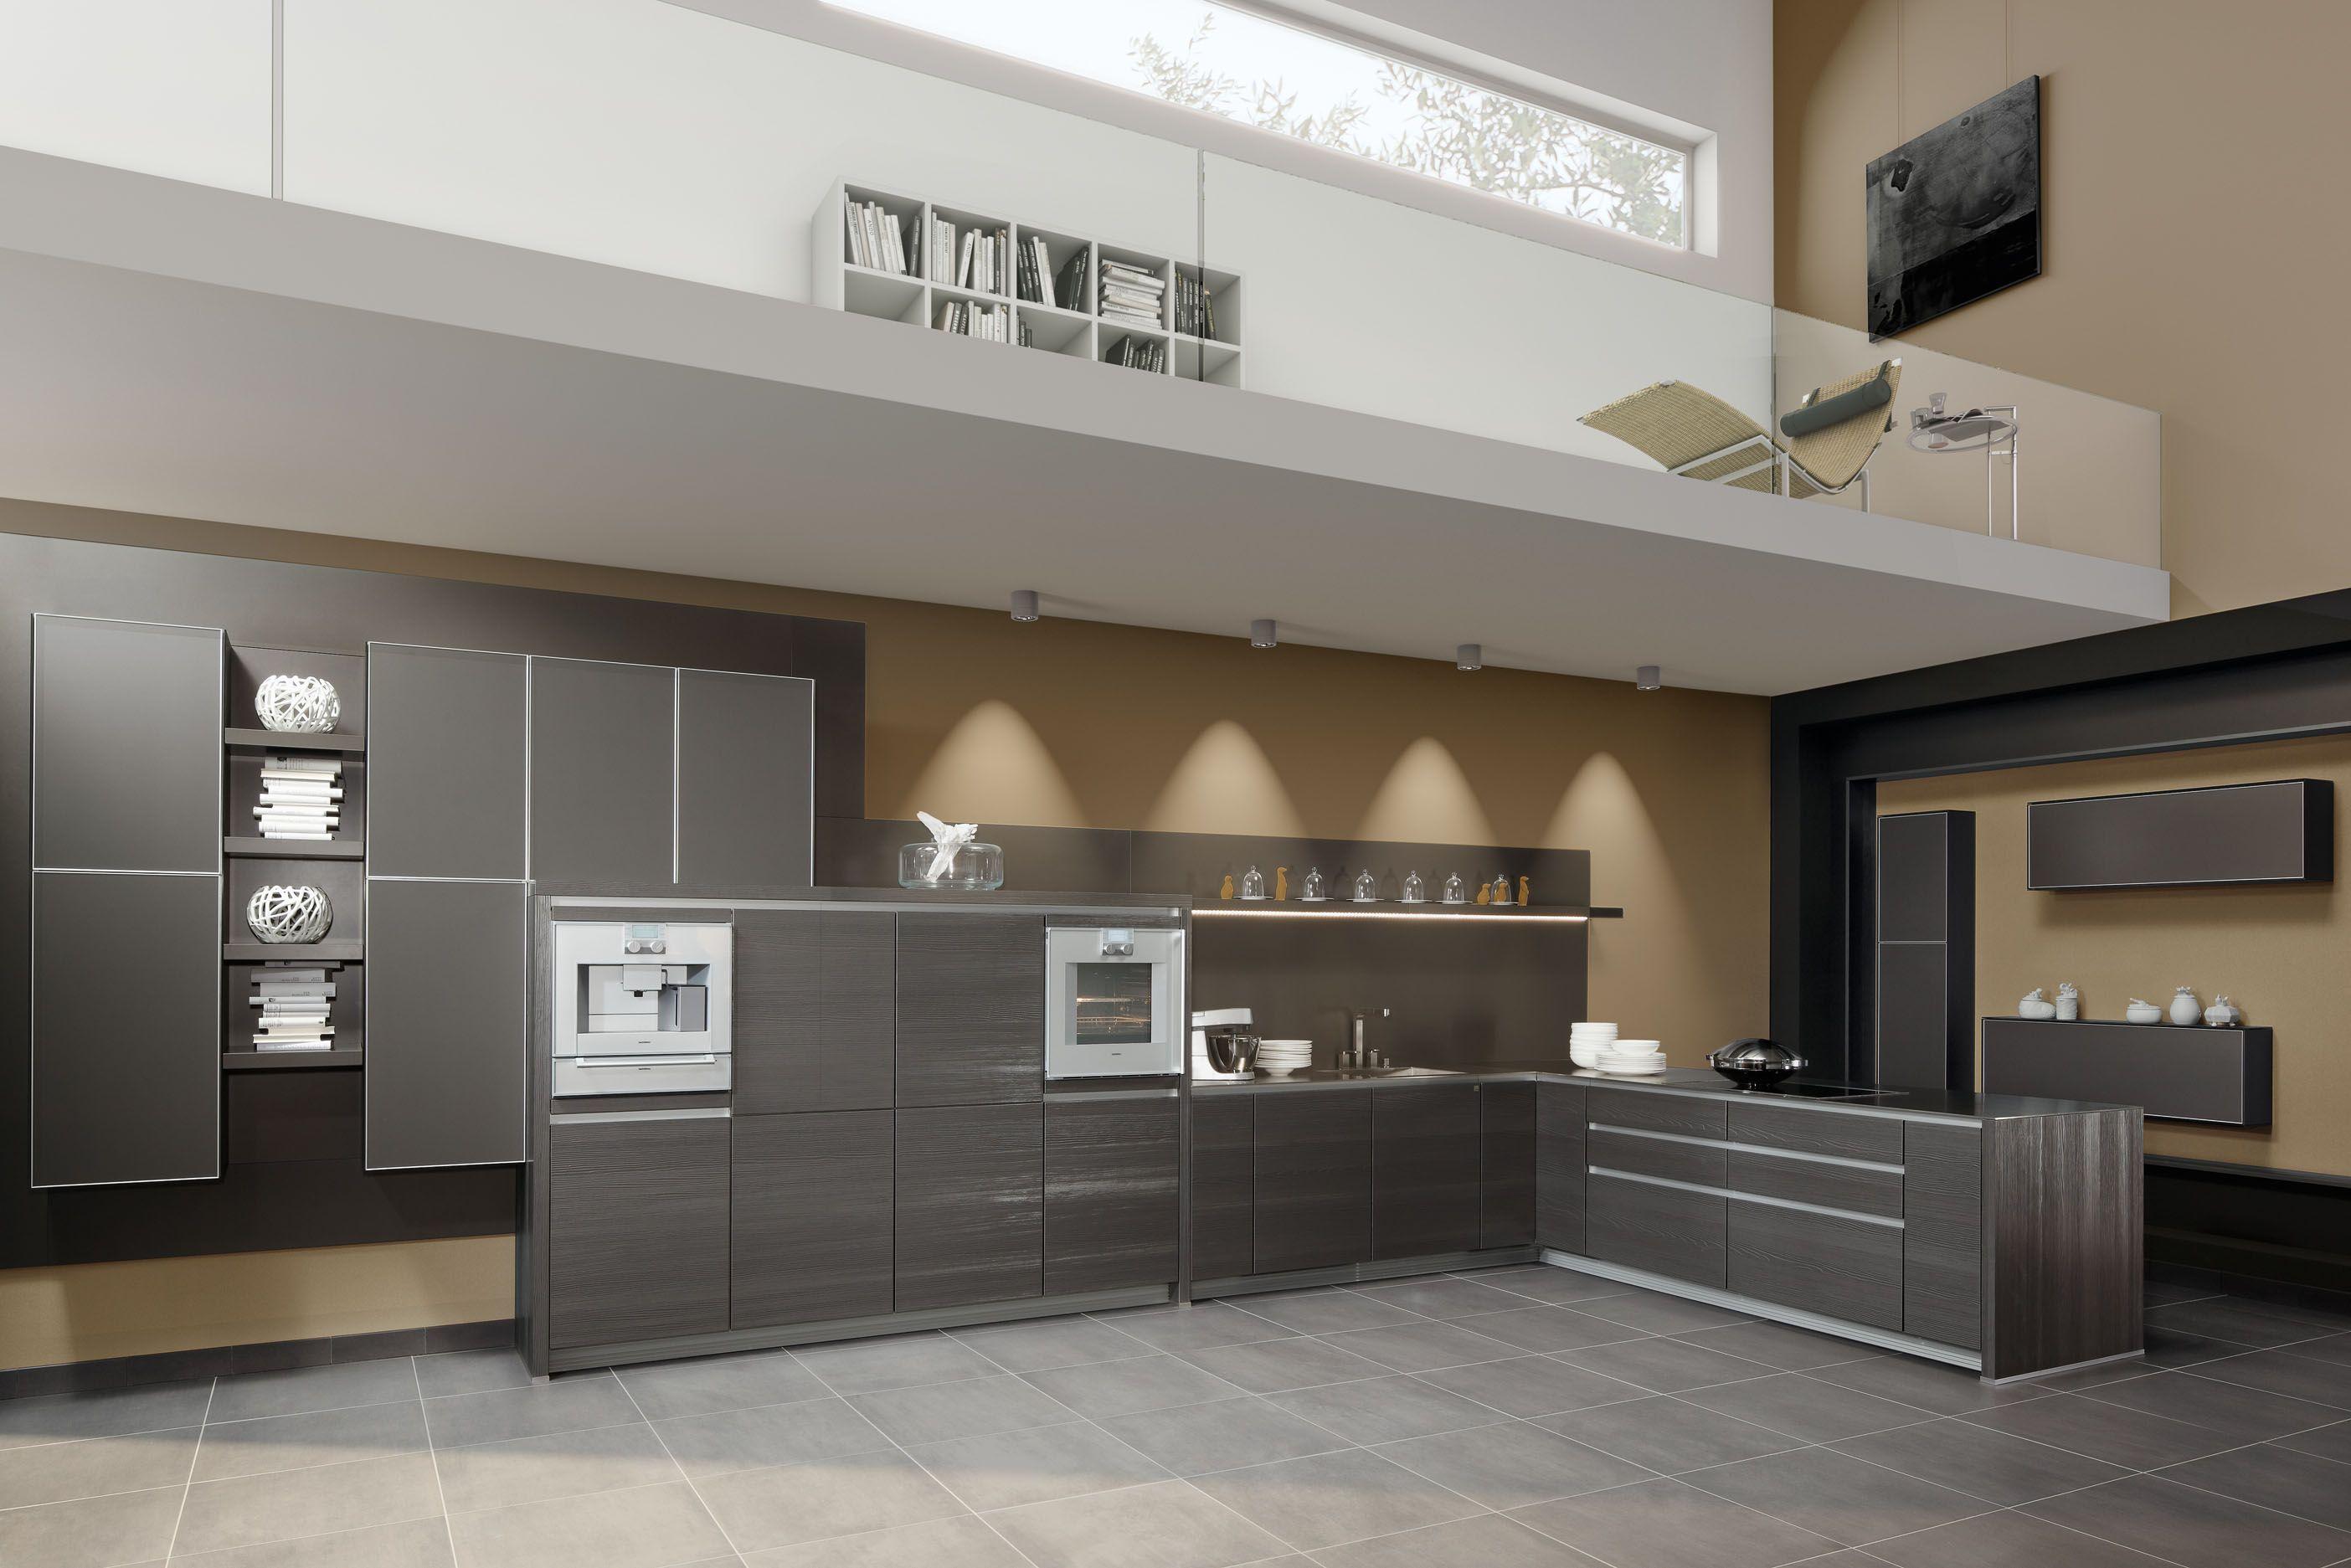 Grote Keuken Showroom : keukens voor zeer lage keuken prijzen Grote moderne eilandkeuken van